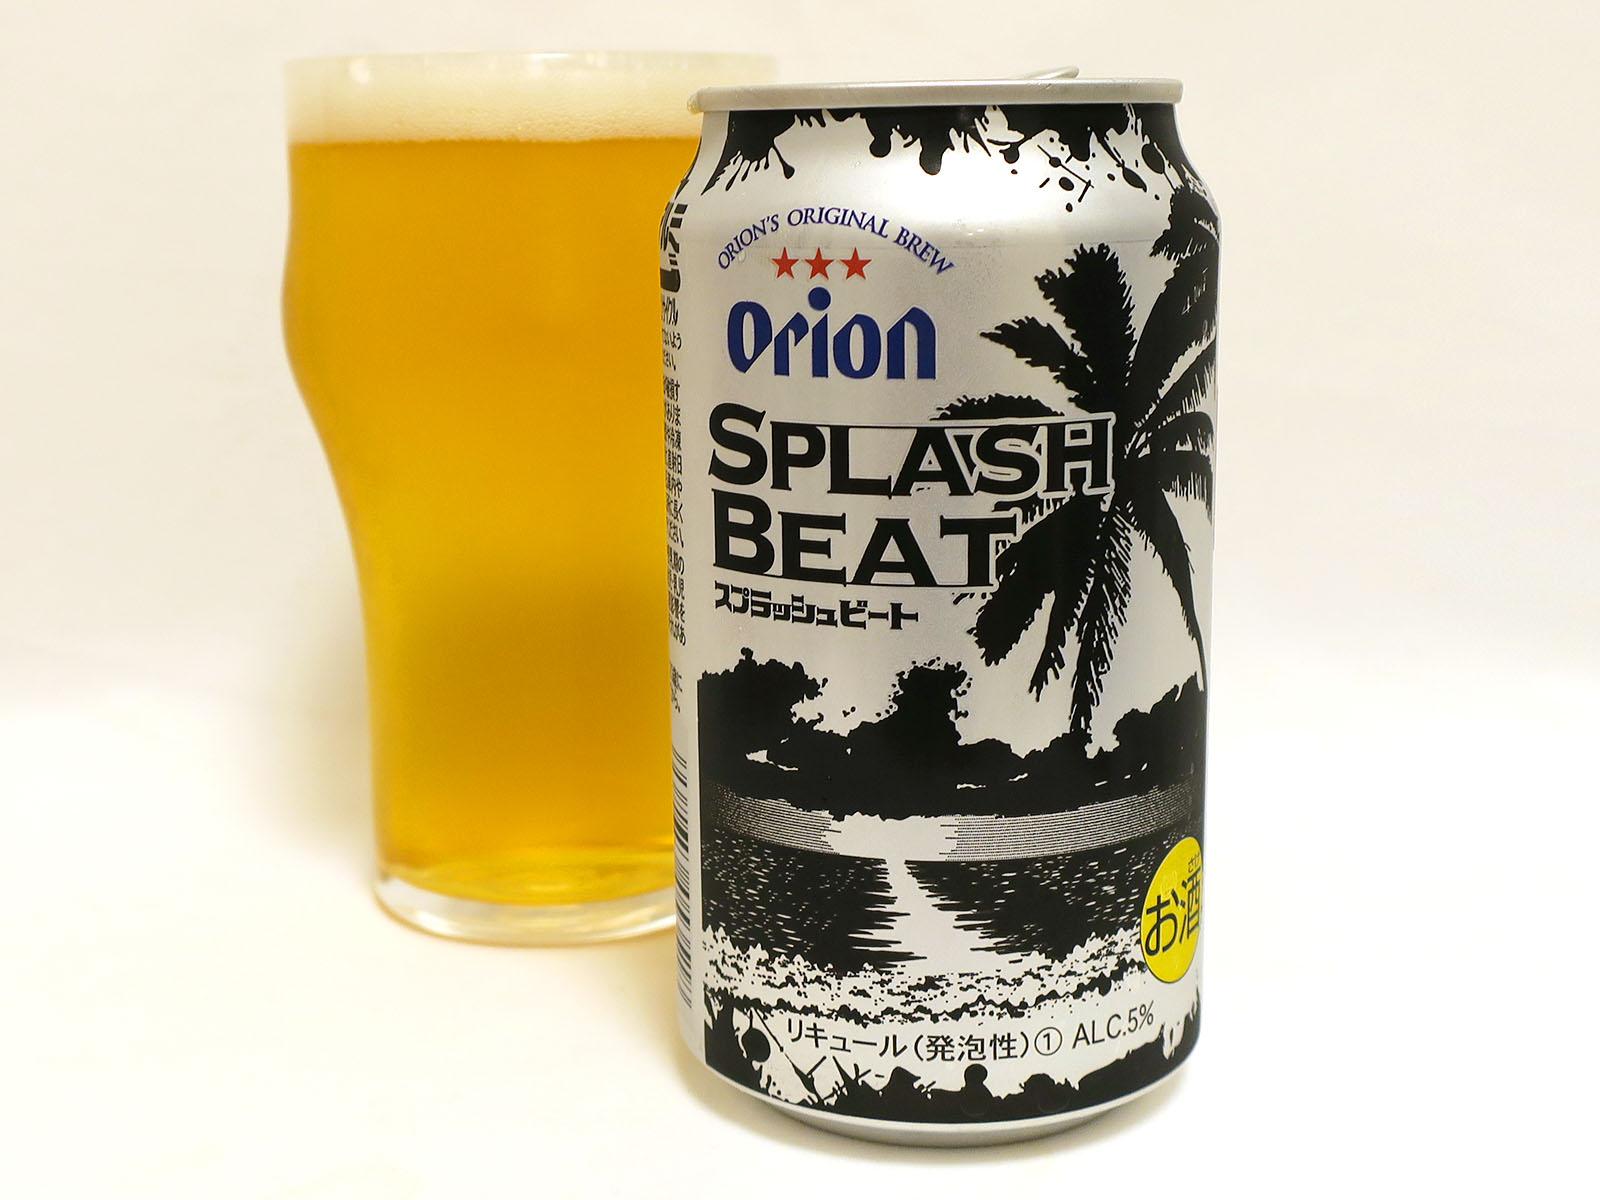 オリオンビール オリオンスプラッシュビート